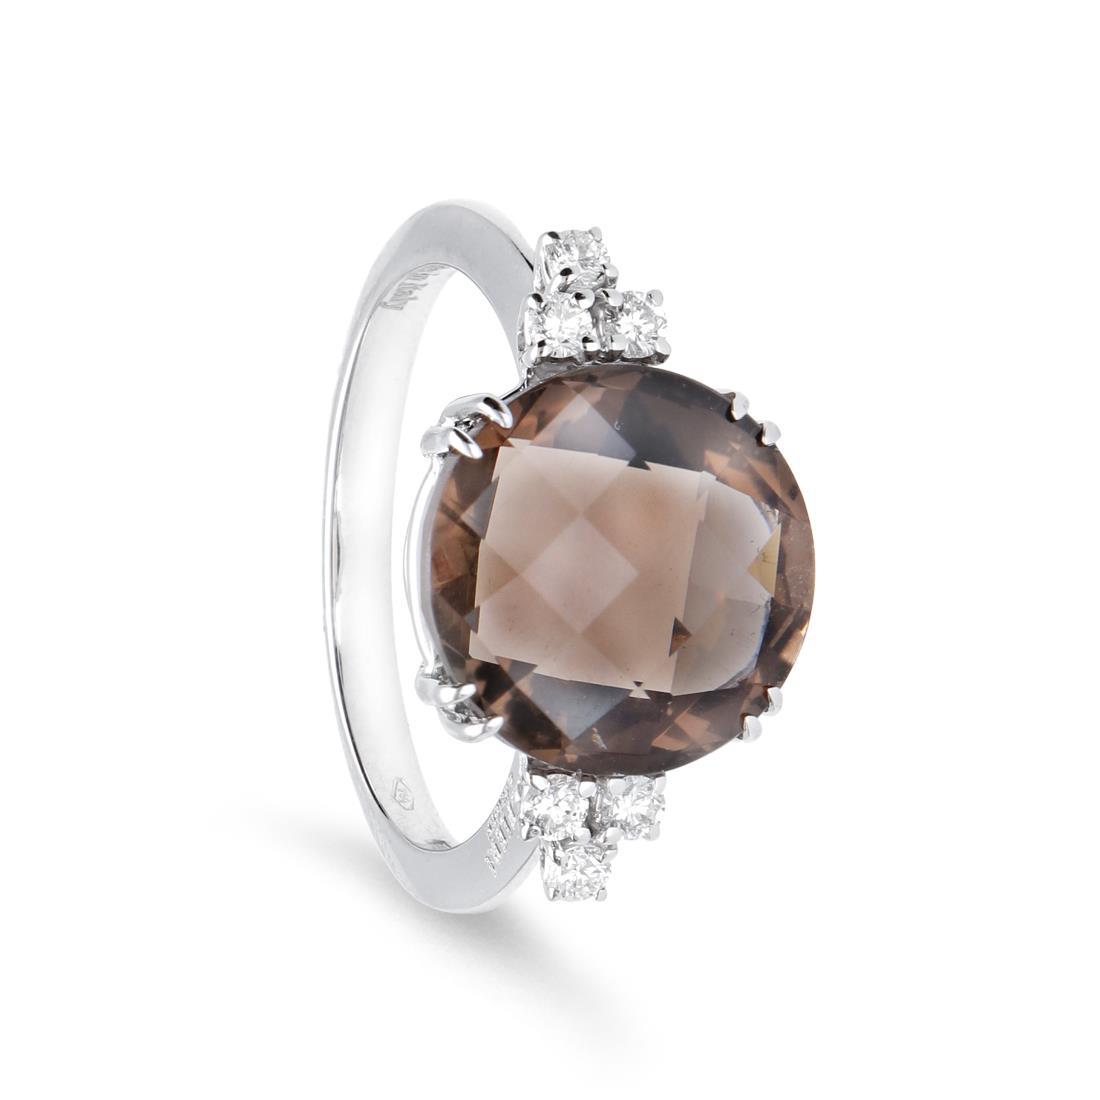 Anello con diamanti e quarzo - ALFIERI & ST. JOHN